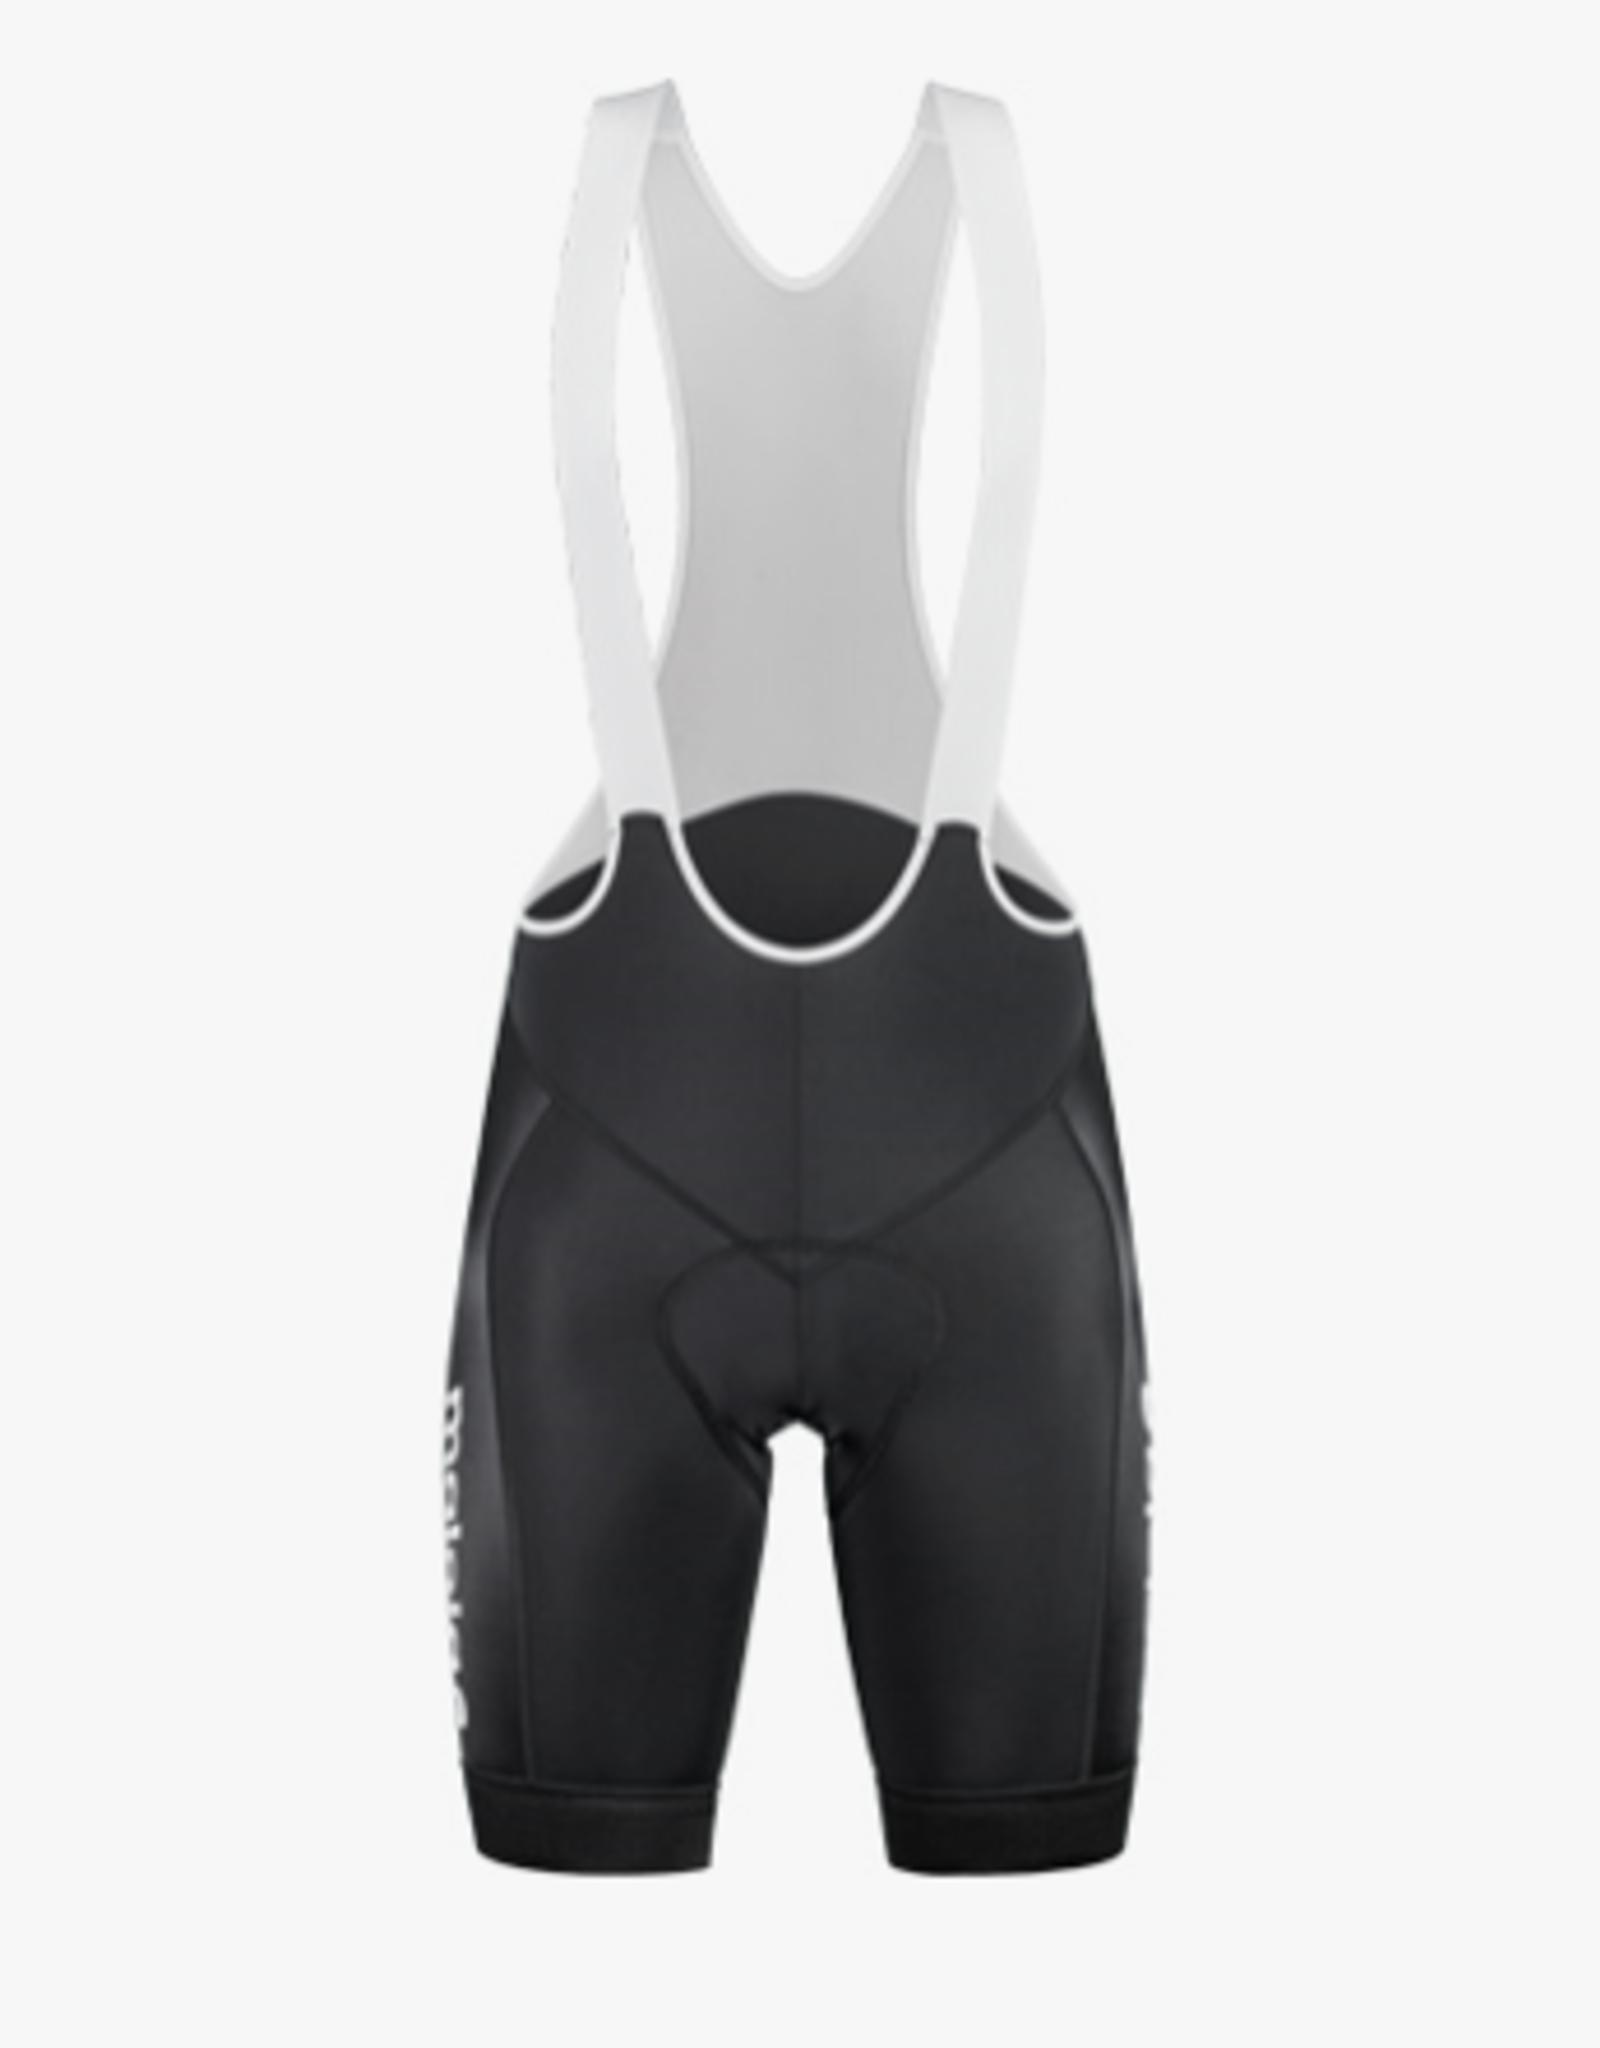 maloja 29240-1 Bau Pants 1/2 bib shorts